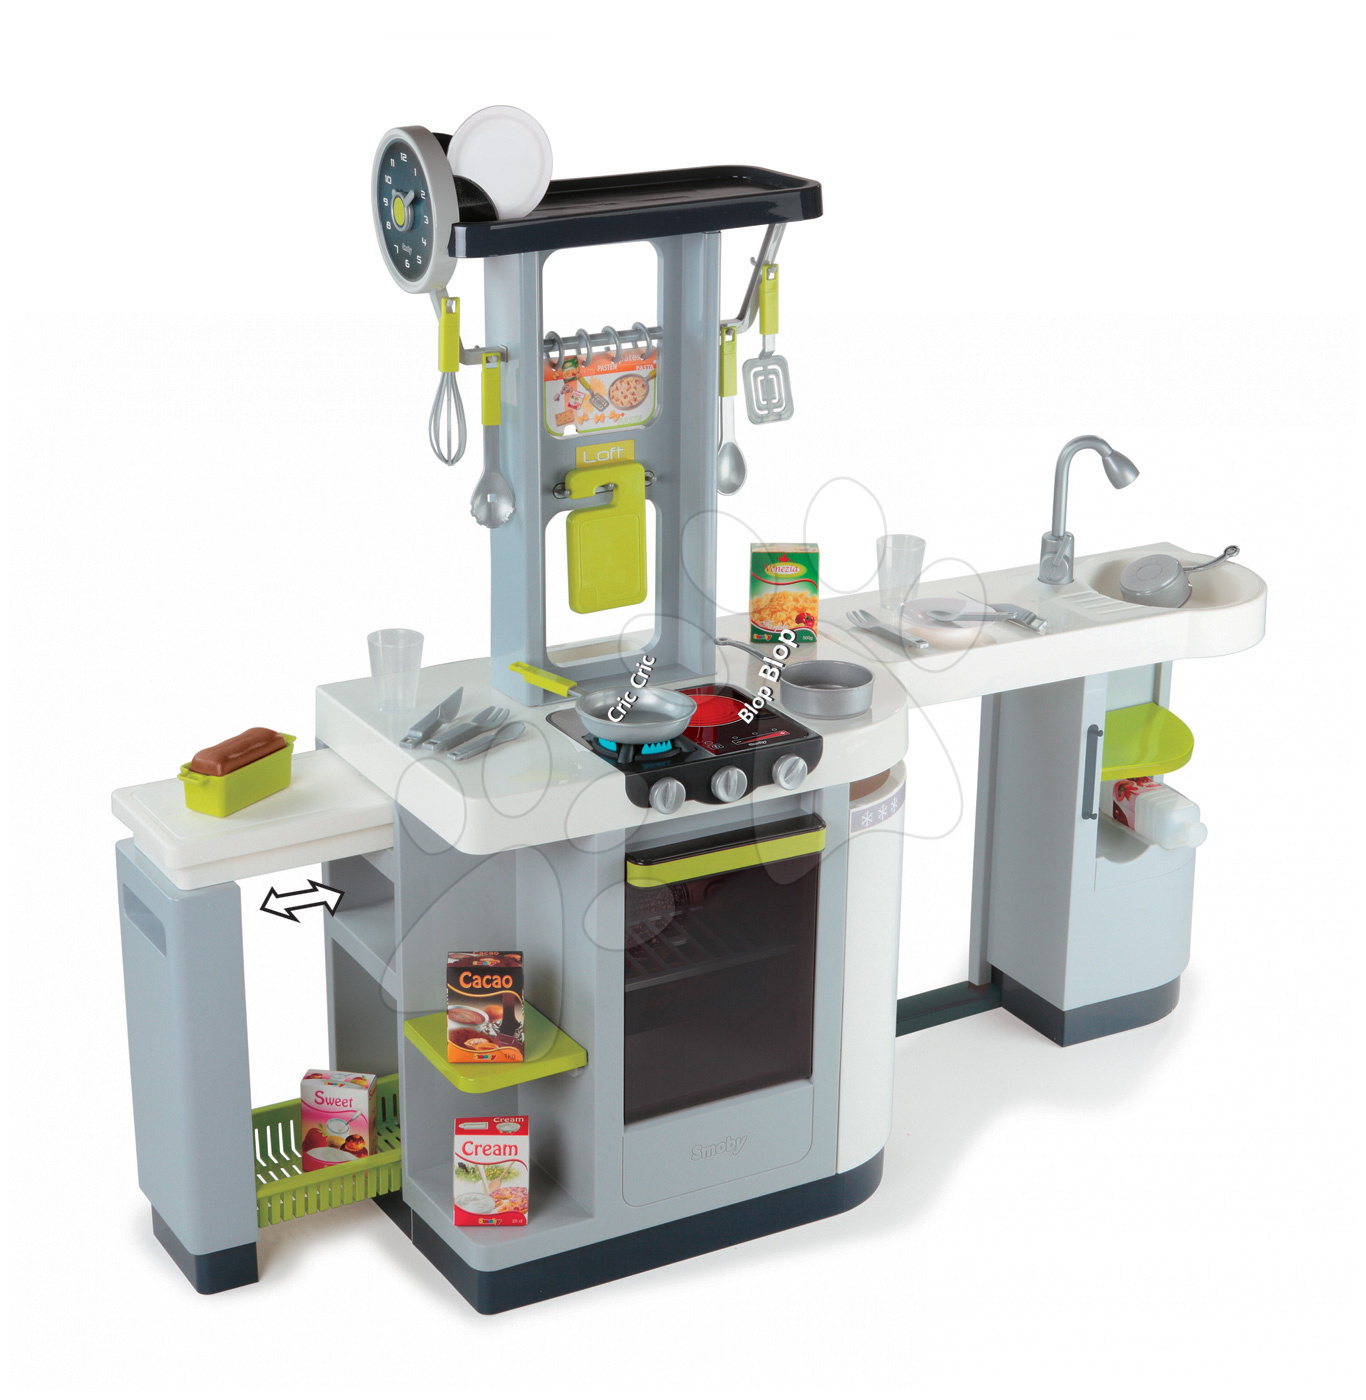 Kuchyňka Loft 4v1 Smoby elektronická se zvuky, s vysouvací pracovní plochou a 25 doplňky stříbrná